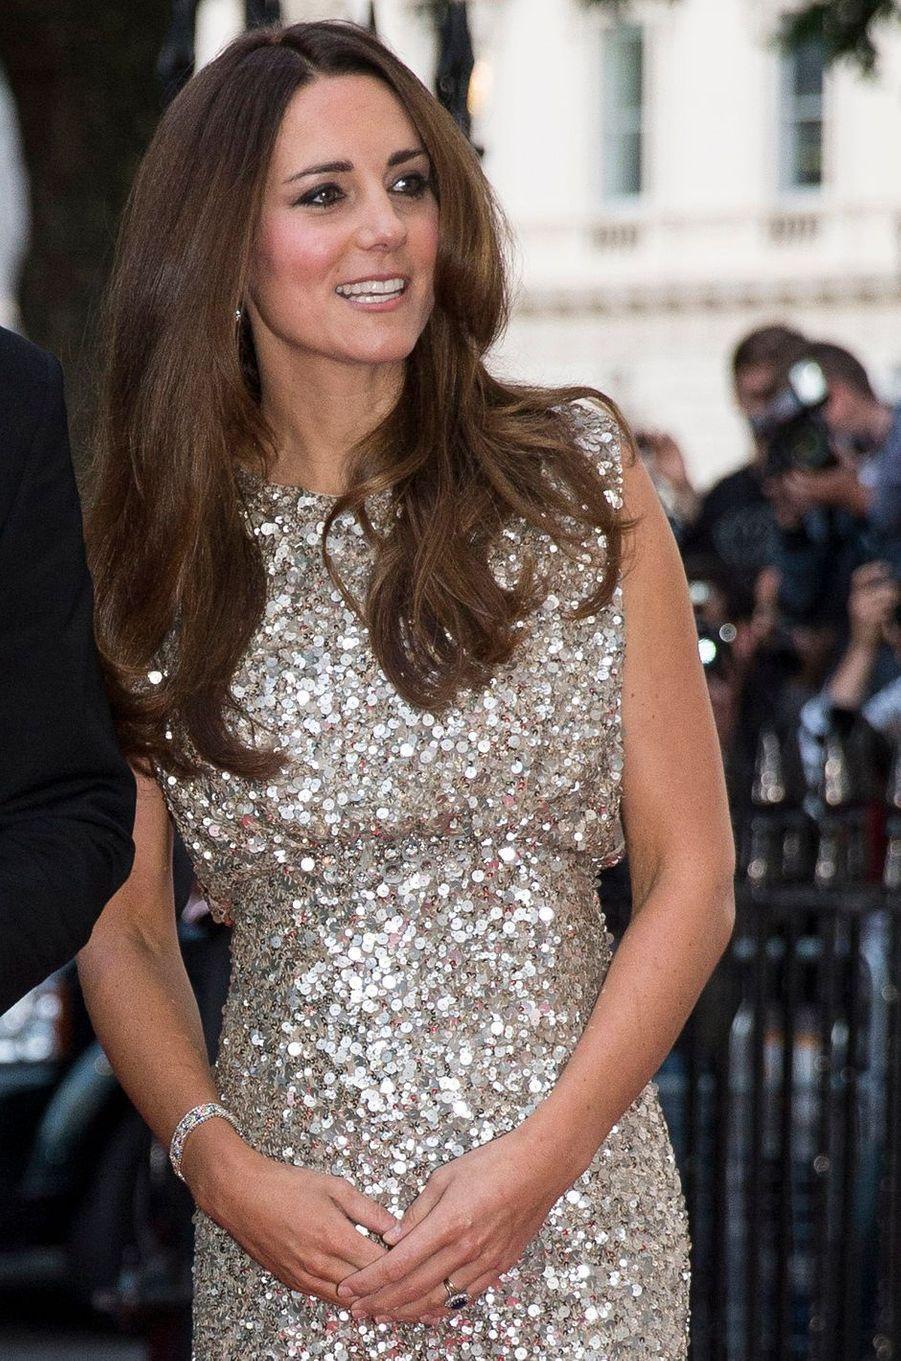 La duchesse Catherine de Cambridge porte son bracelet en diamants, qui serait un cadeau du prince Charles, le 12 septembre 2013